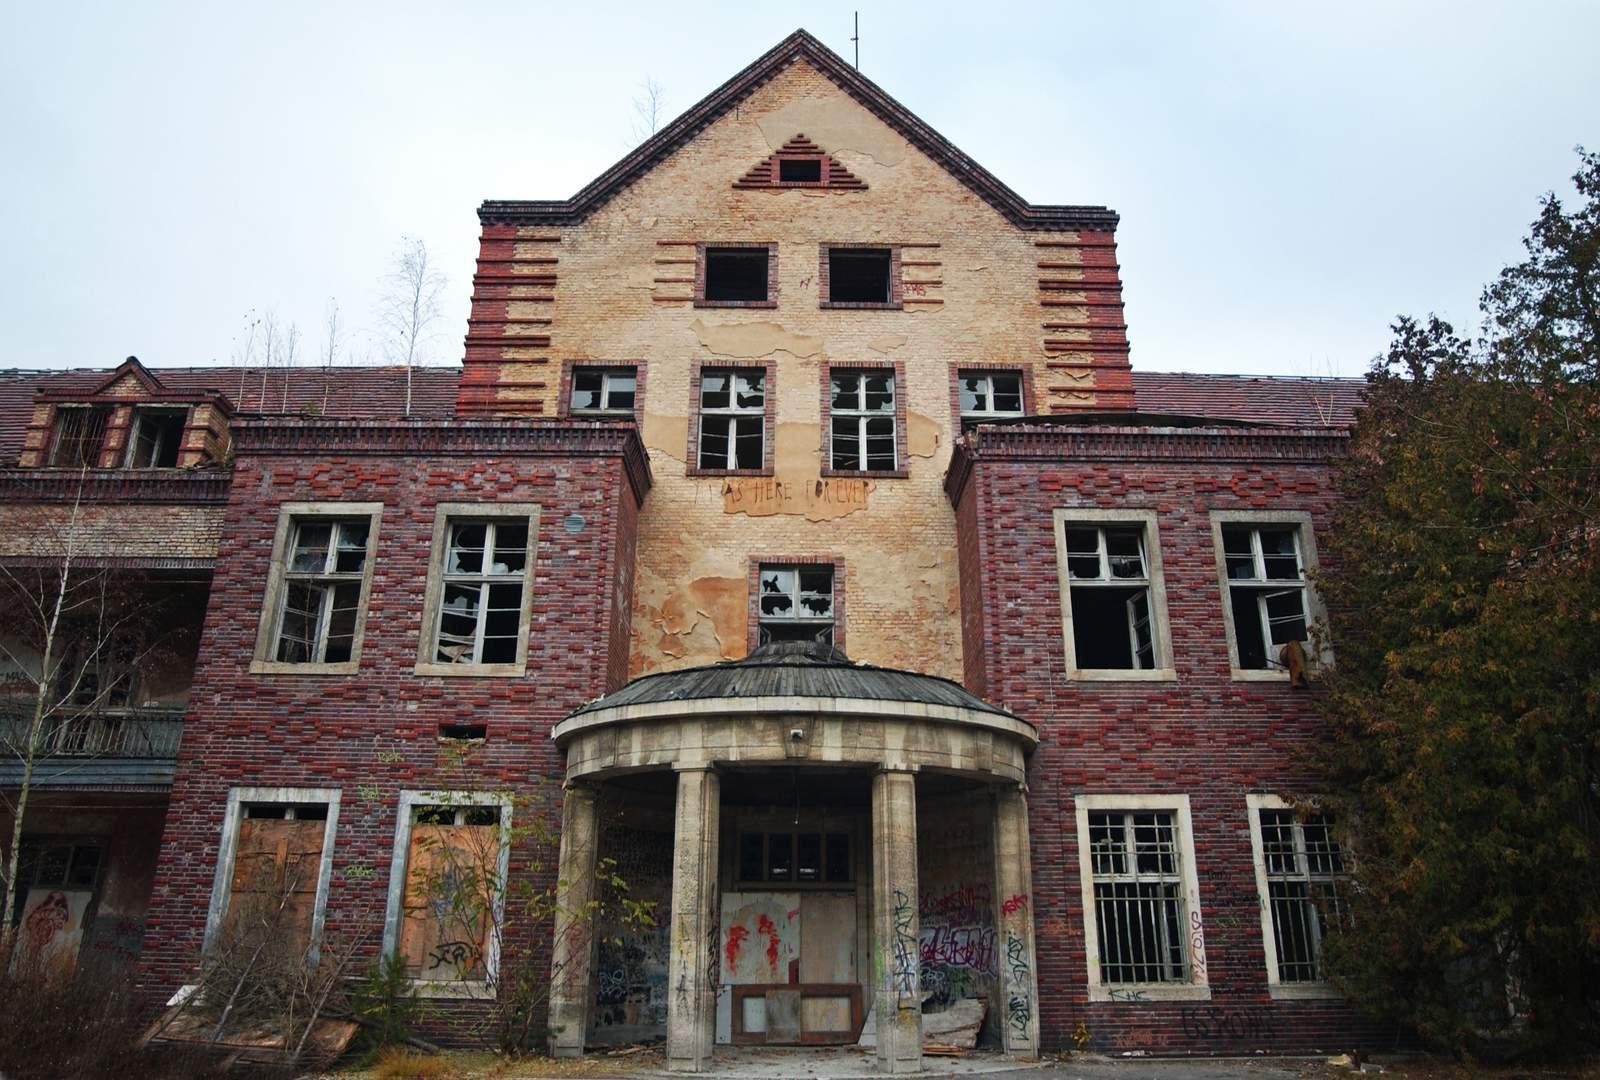 beelitz heilstatten16 Abandoned Beelitz Heilstatten Hospital